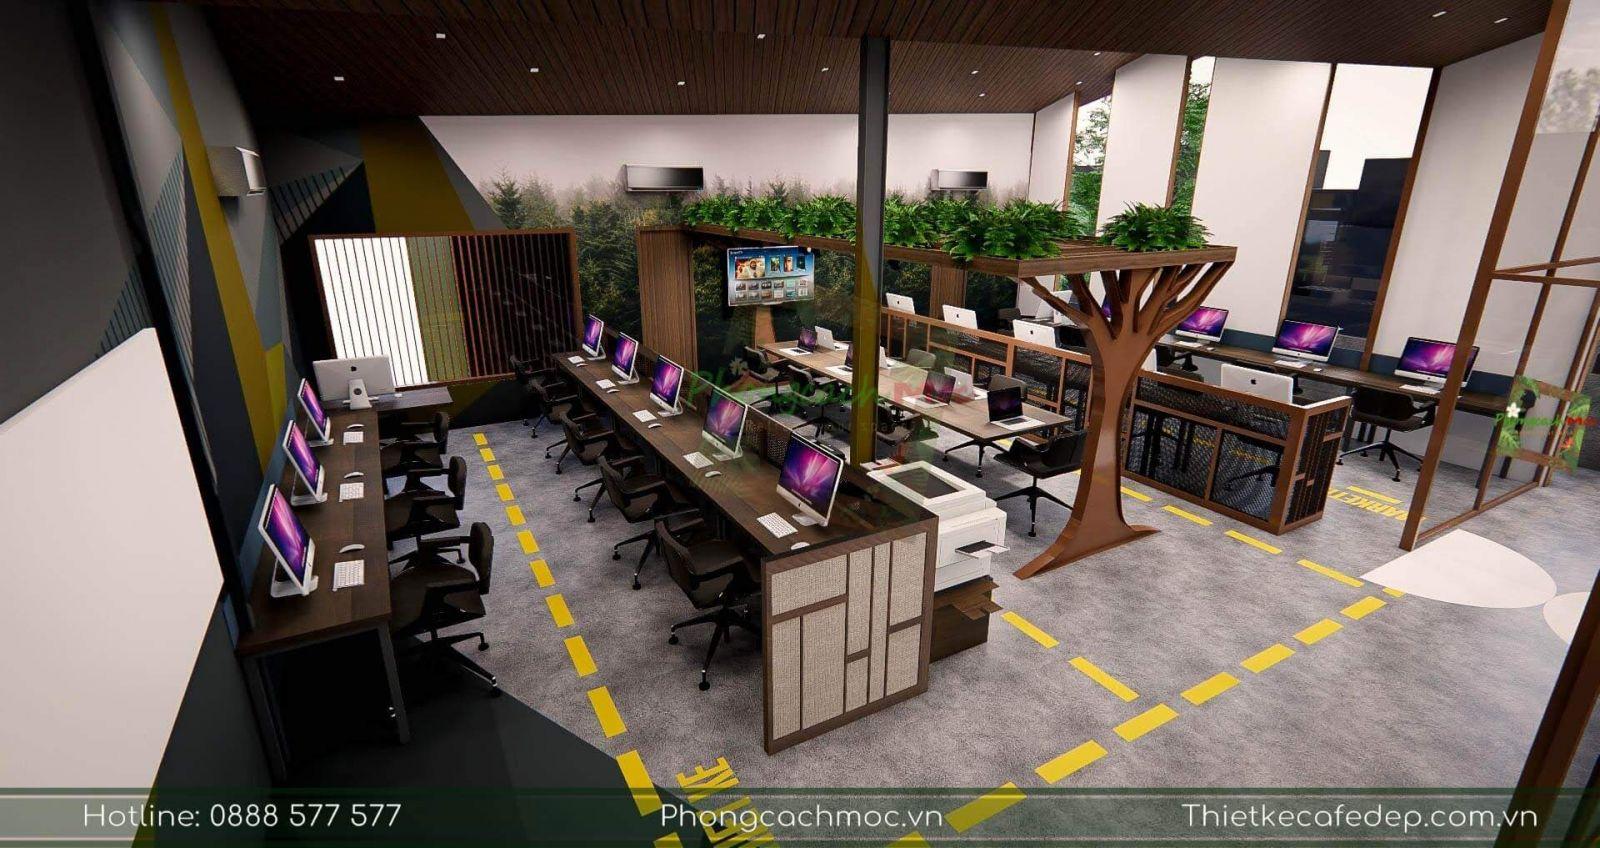 thiết kế nội thất văn phòng sử dụng chủ đề industrial style